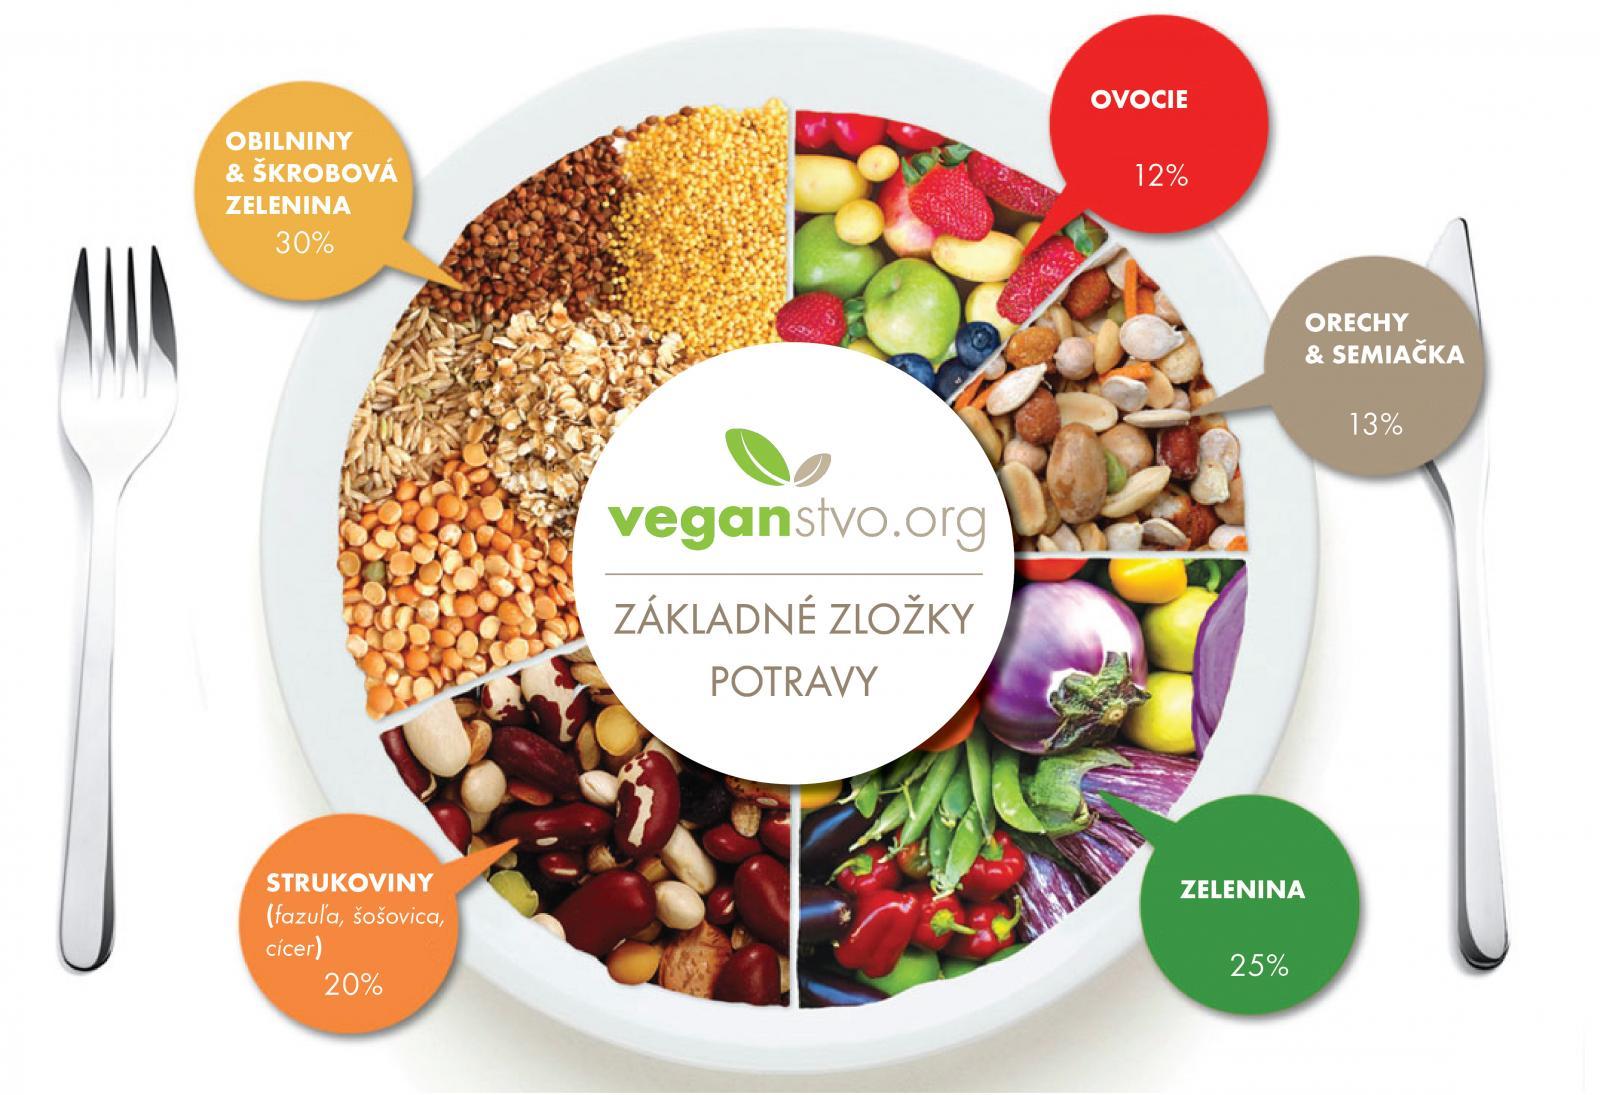 Poznaj základné zložky potravy – Prečo je veľmi dôležité sa pri prechode na vegánstvo najprv dobre informovať